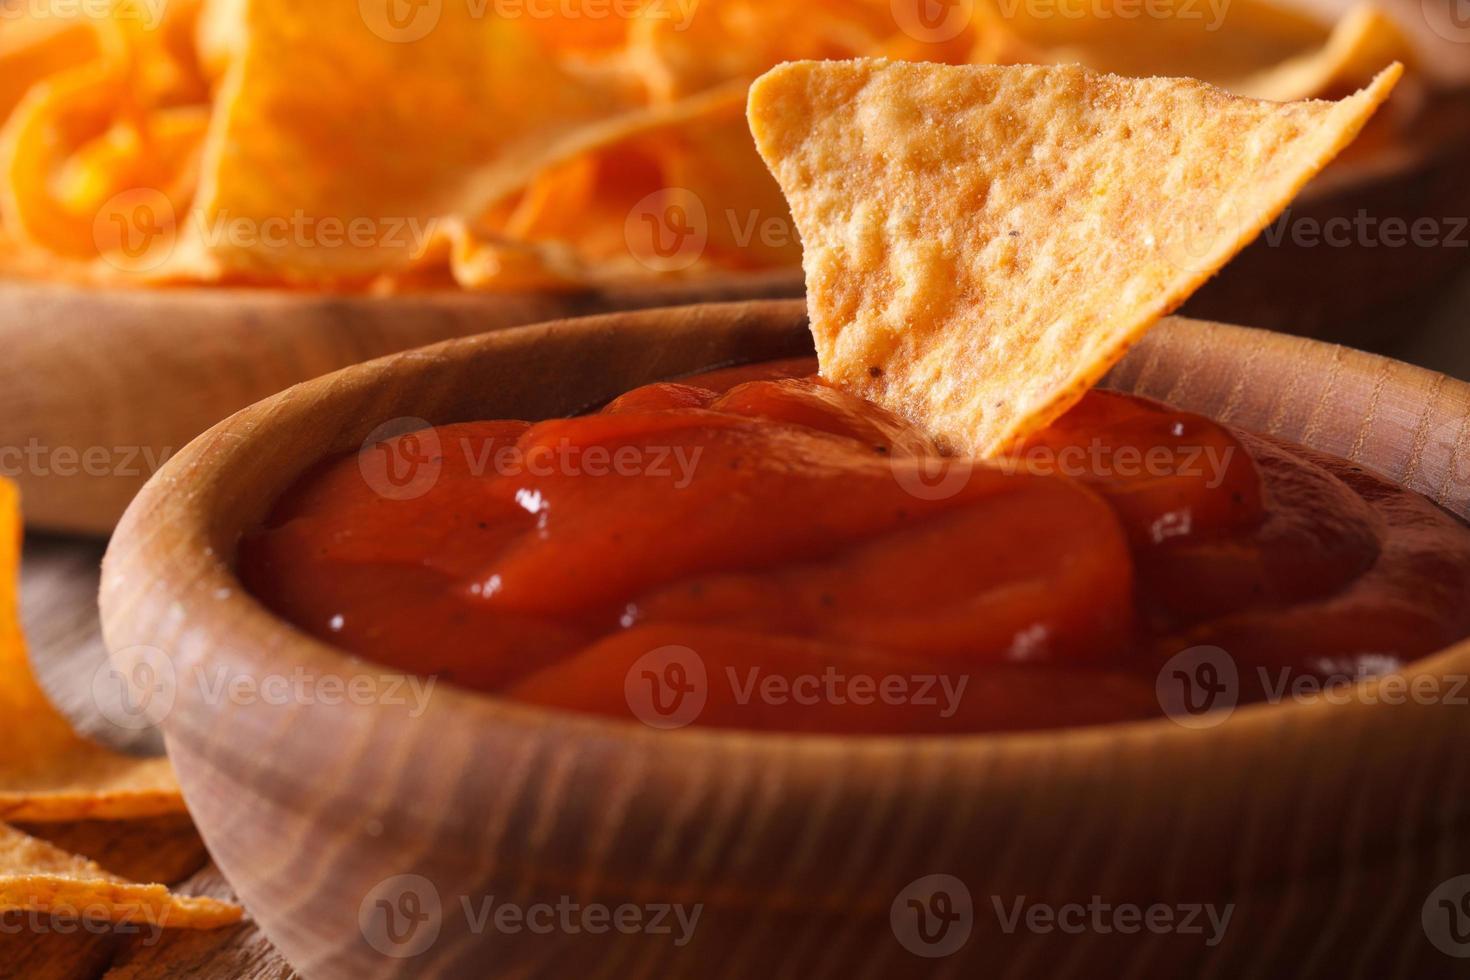 tomatsås och majs chips nachos makro. horisontell foto